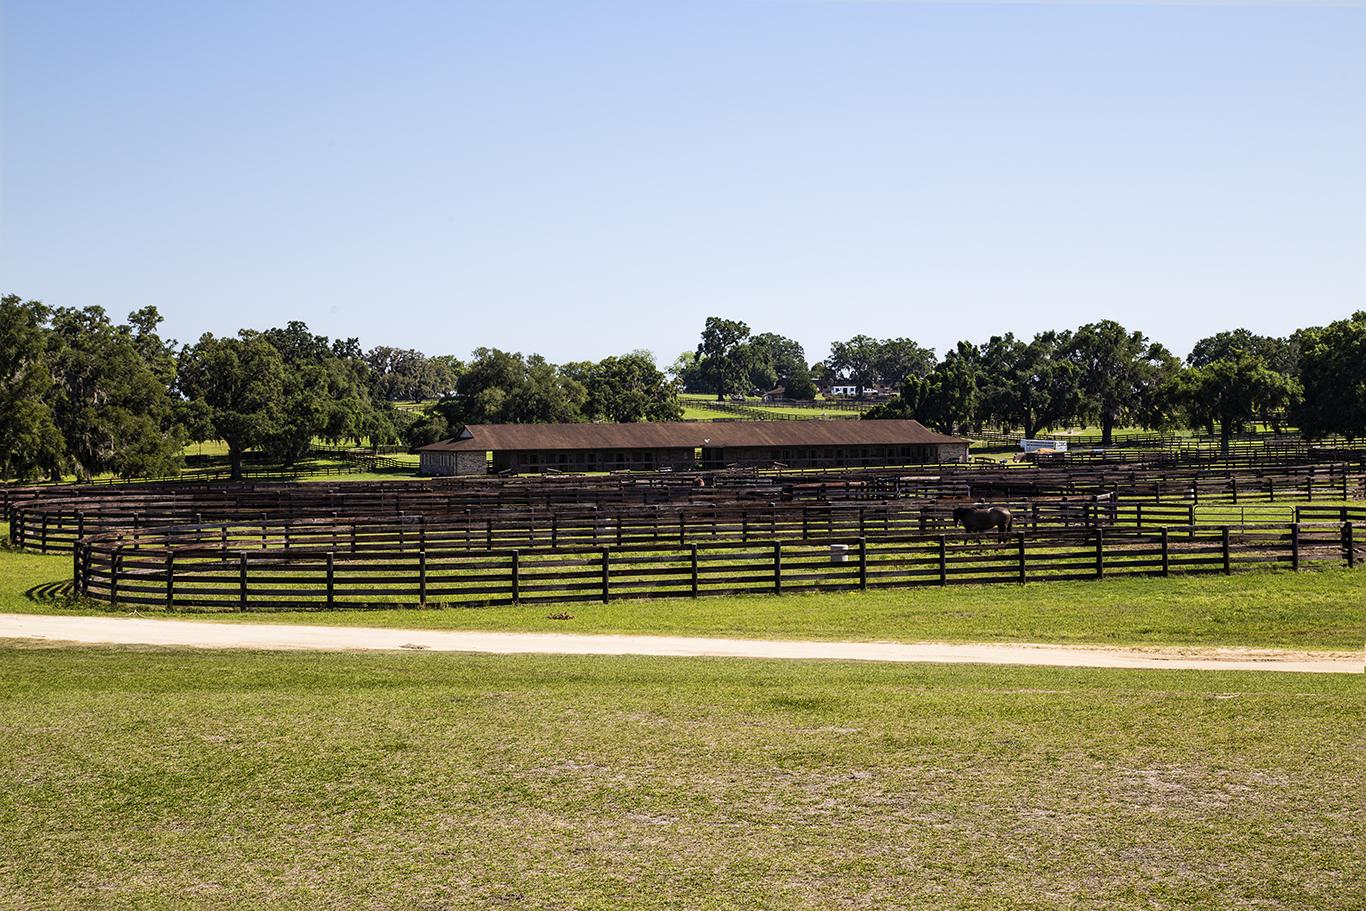 Winding Oaks Farm